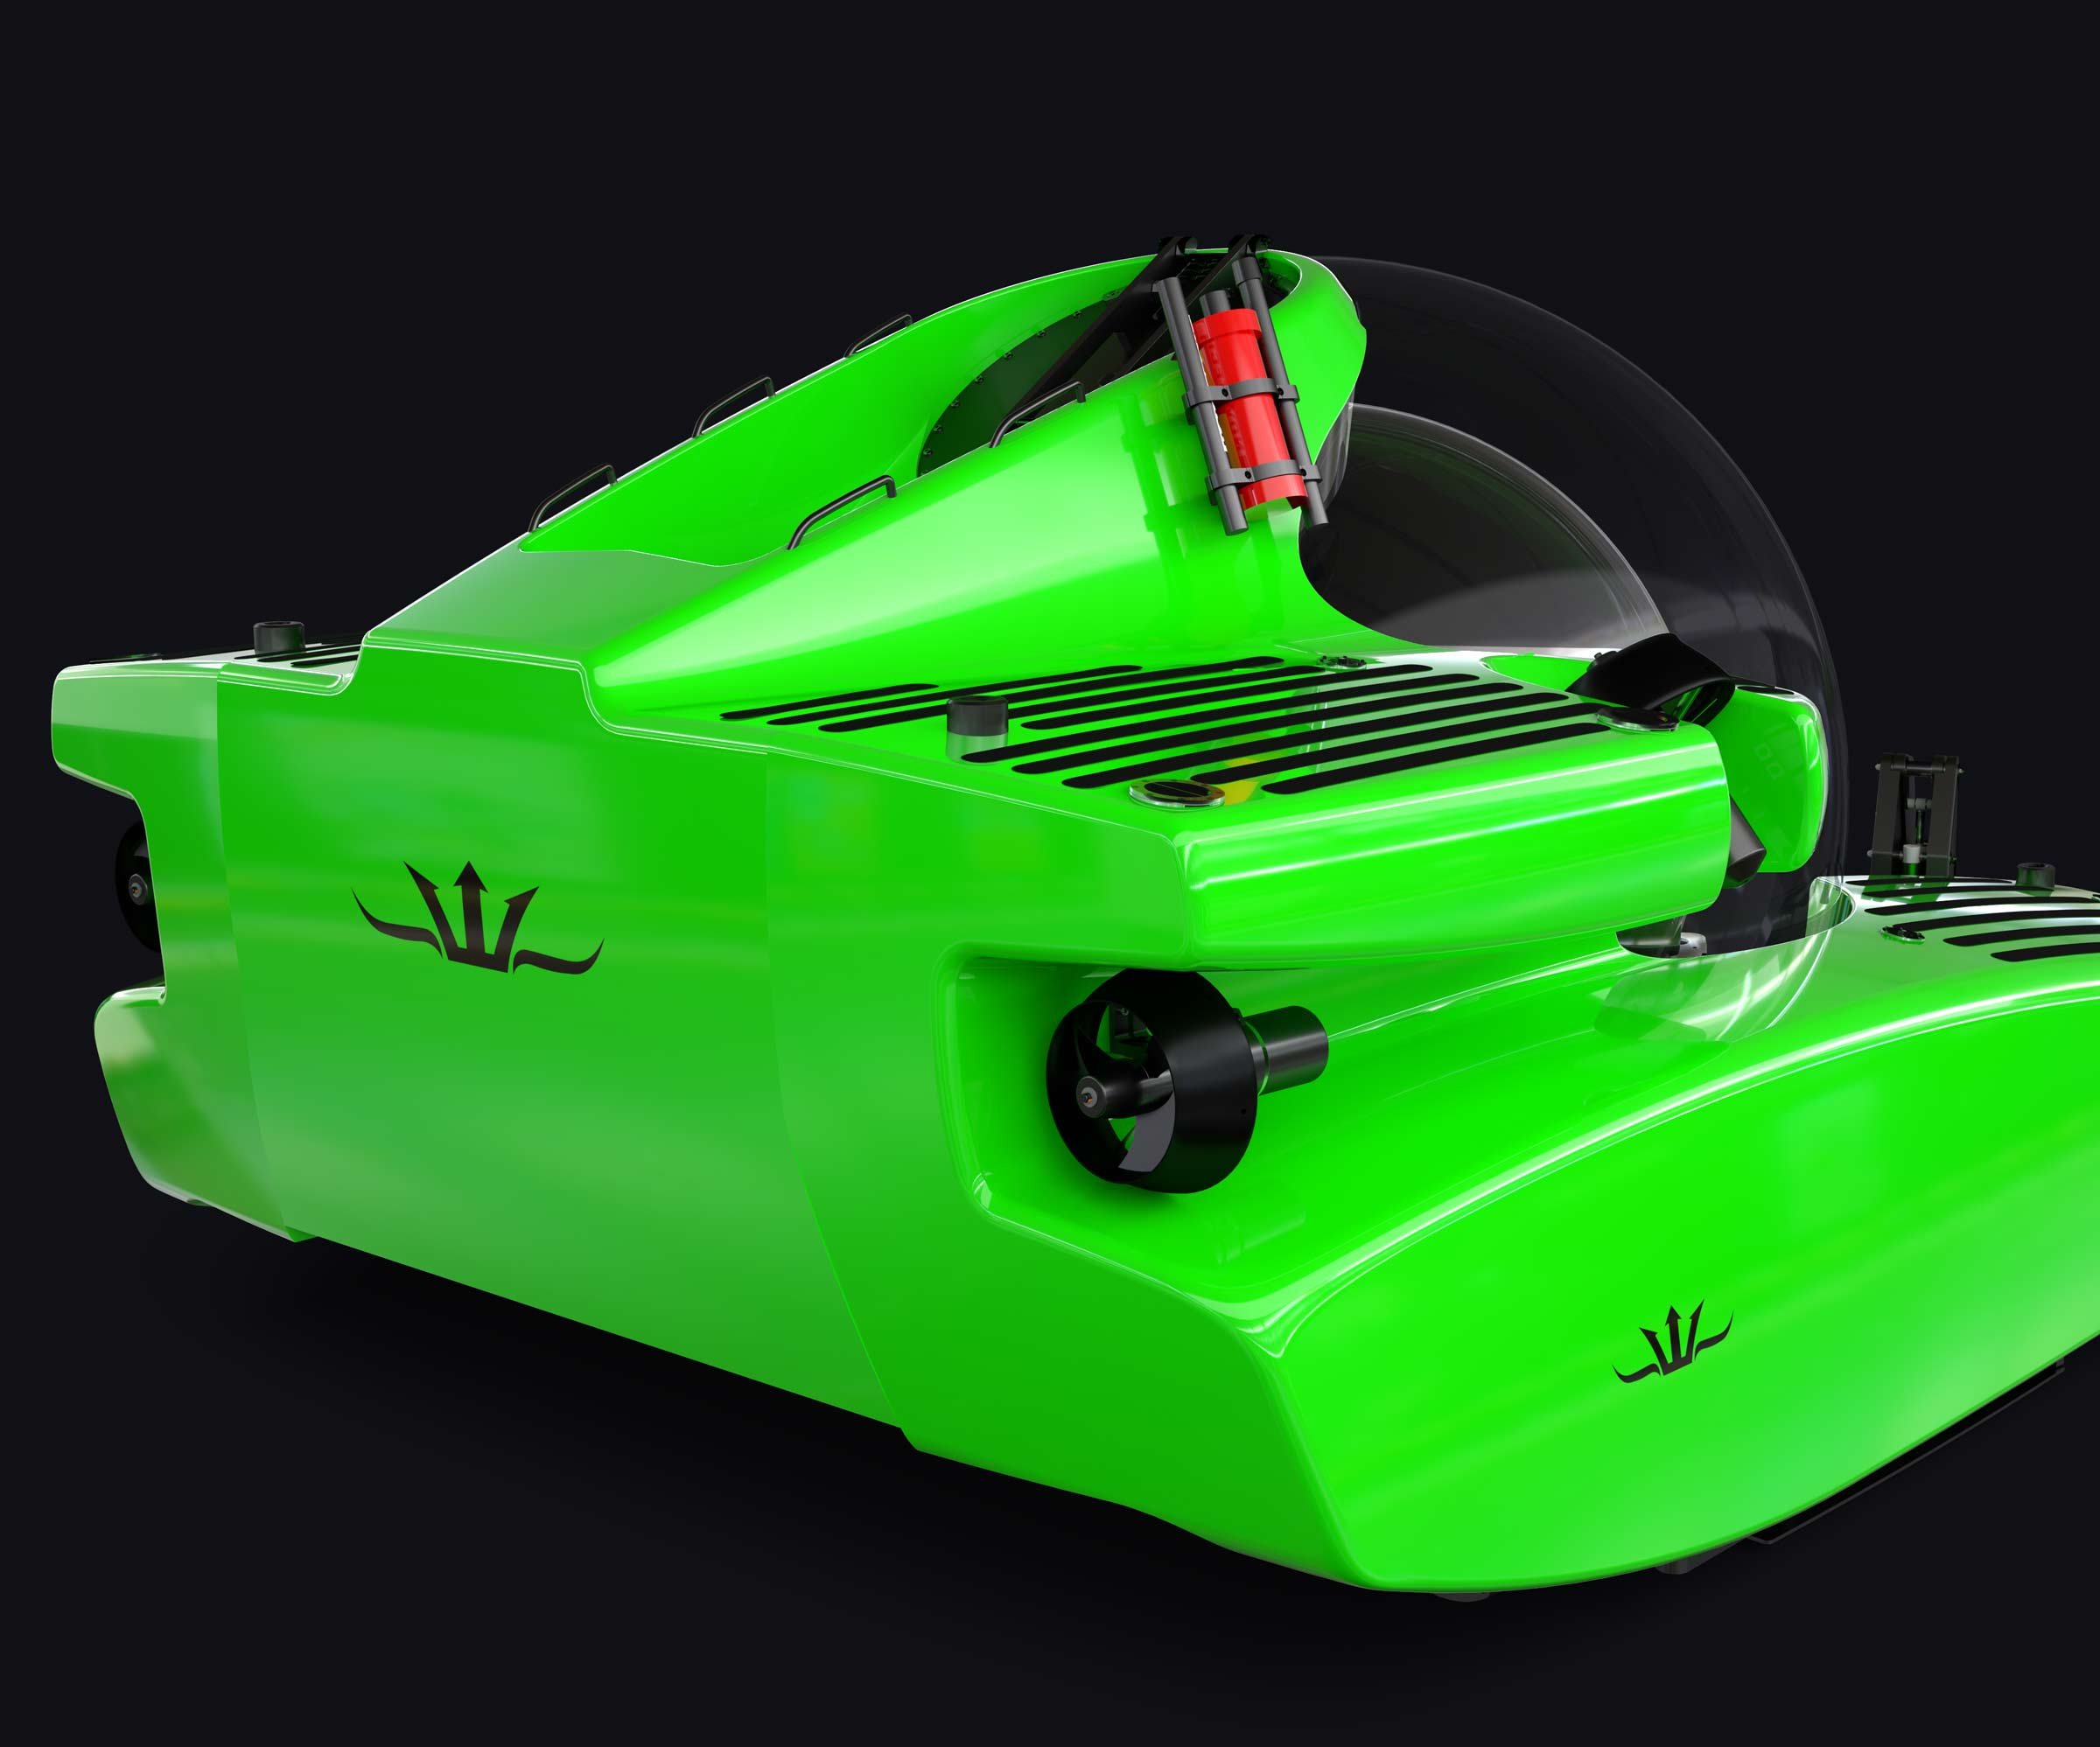 Rear design of Triton 7500/3